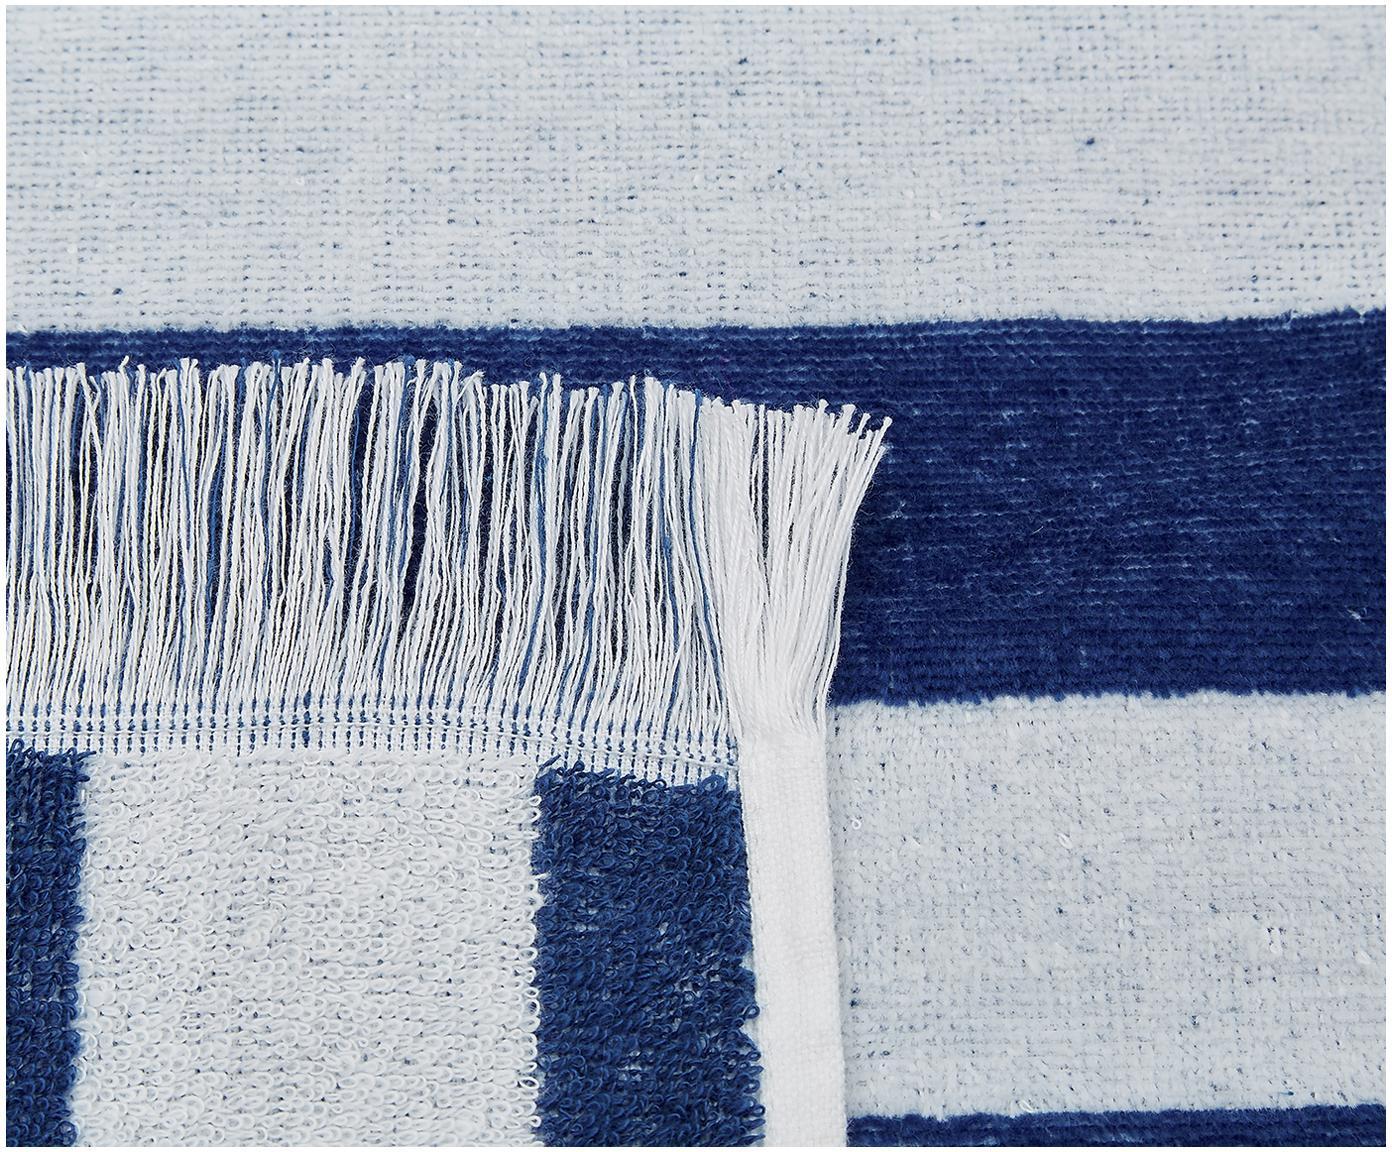 Ręcznik plażowy Mare, Bawełna Niska gramatura 380 g/m², Niebieski, biały, S 80 x D 160 cm